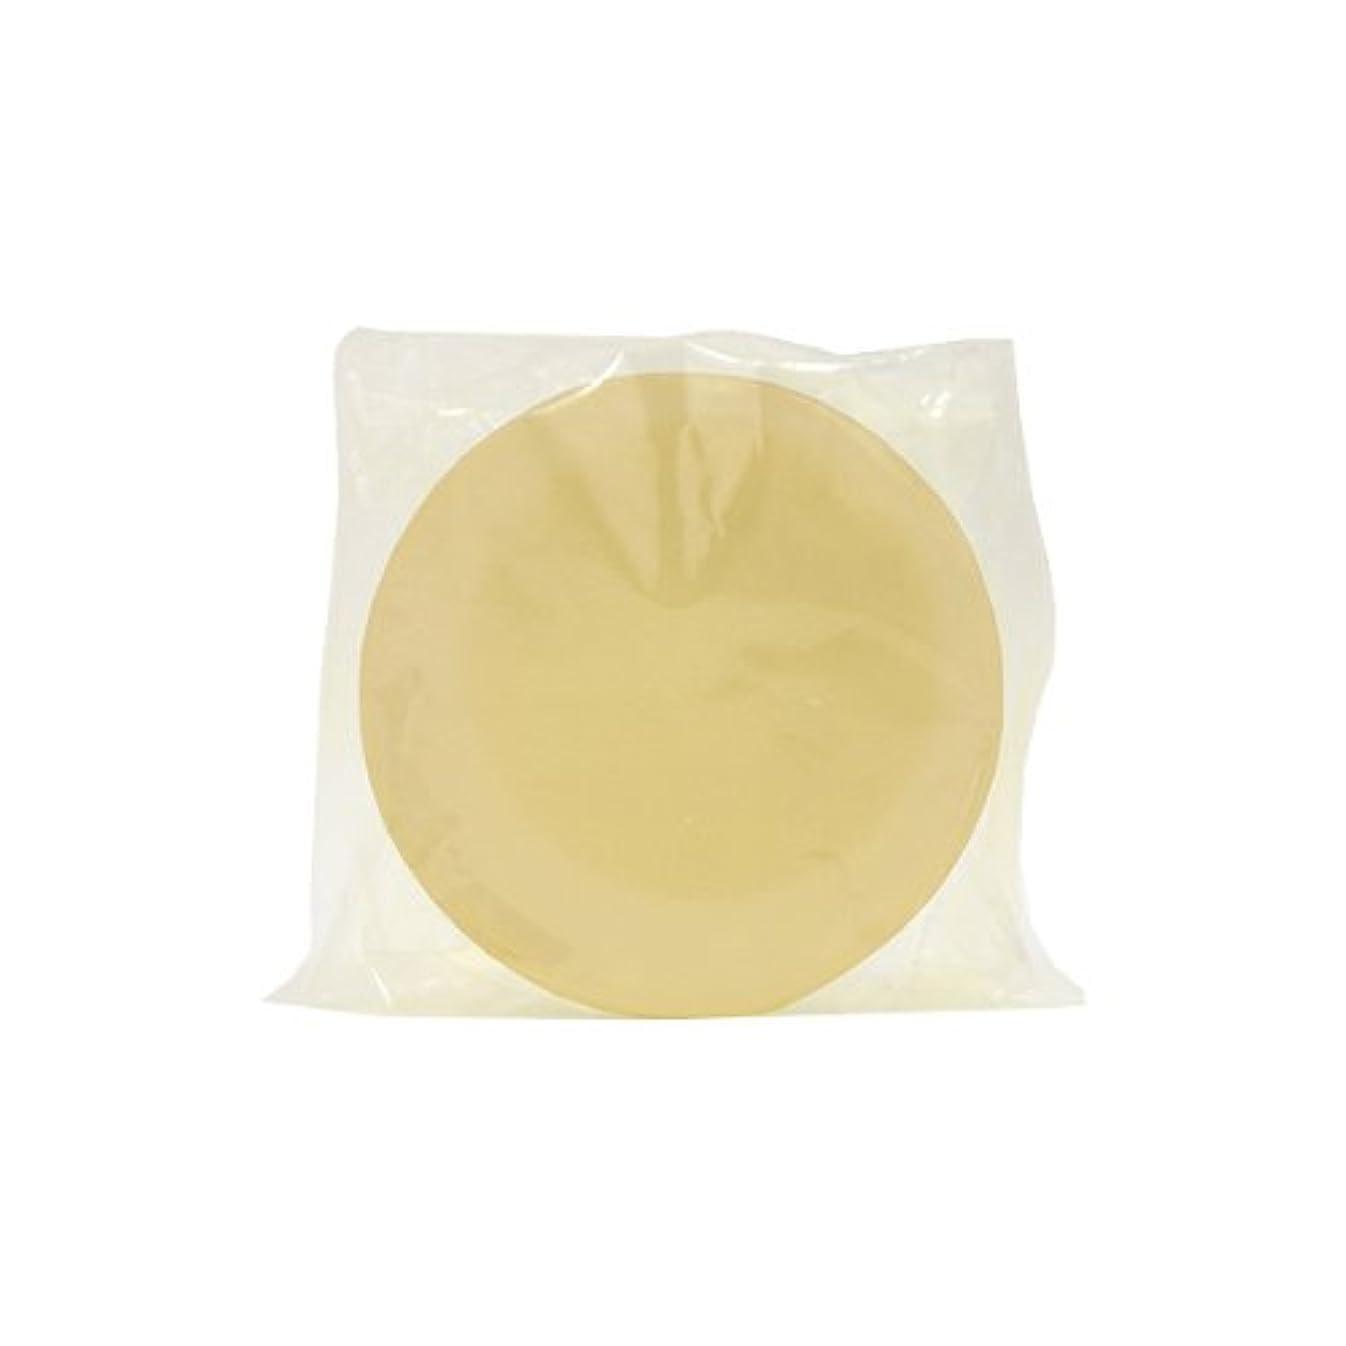 カウンタビジターコジオスコスキンライトソープ (透明枠練石鹸)80g 3個セット